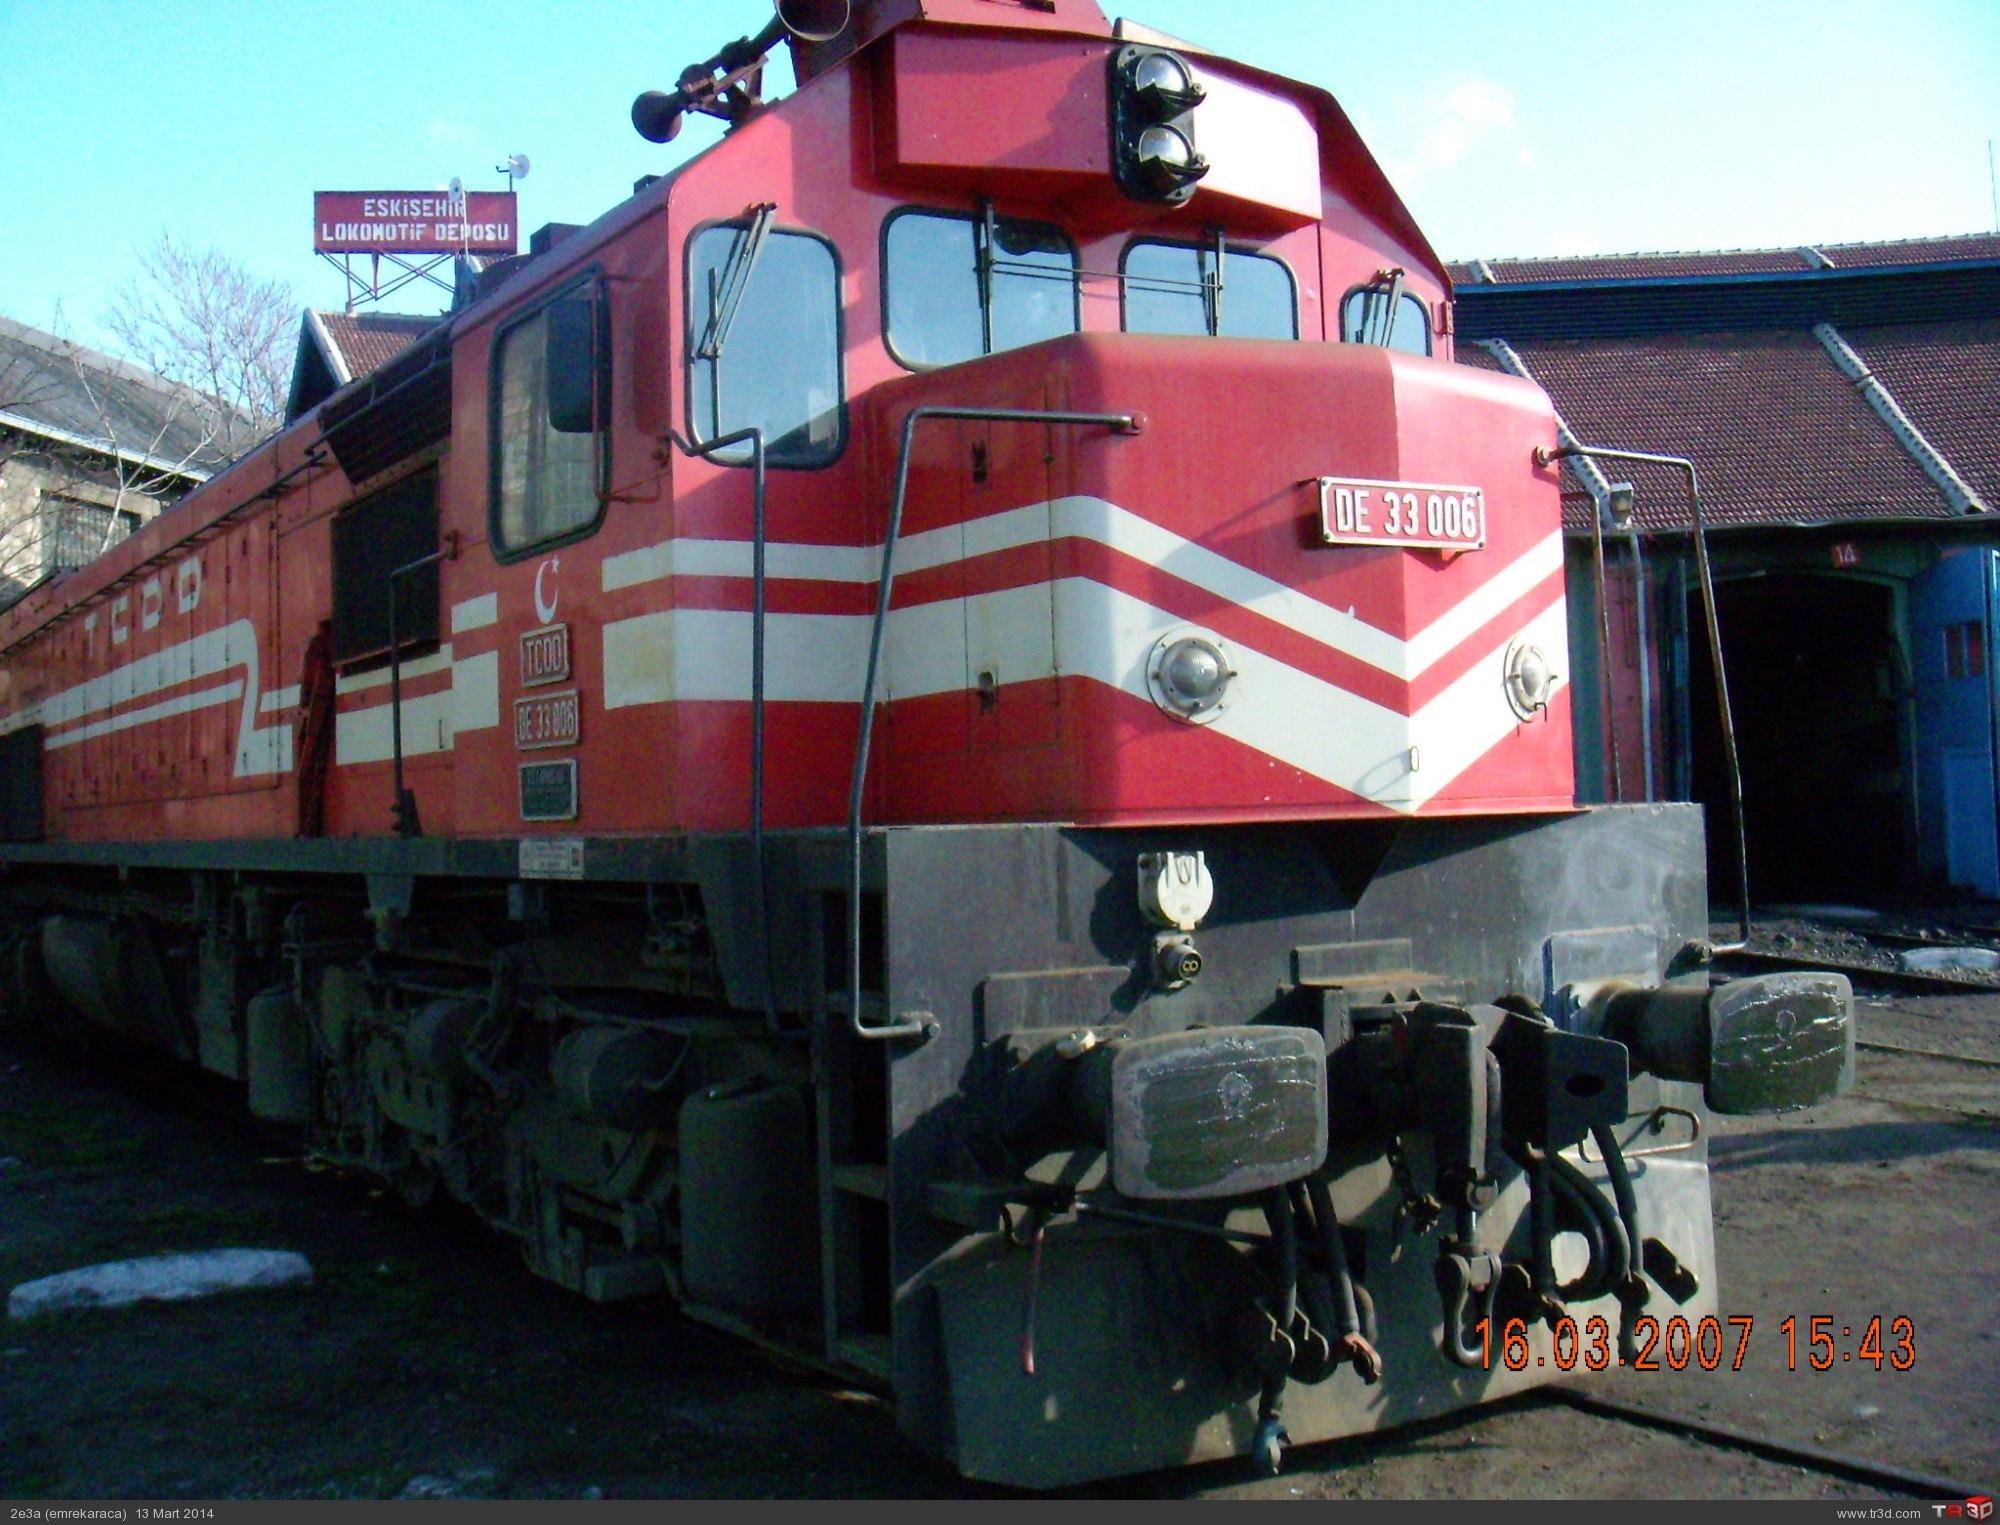 DE 33000 Lokomotif 4